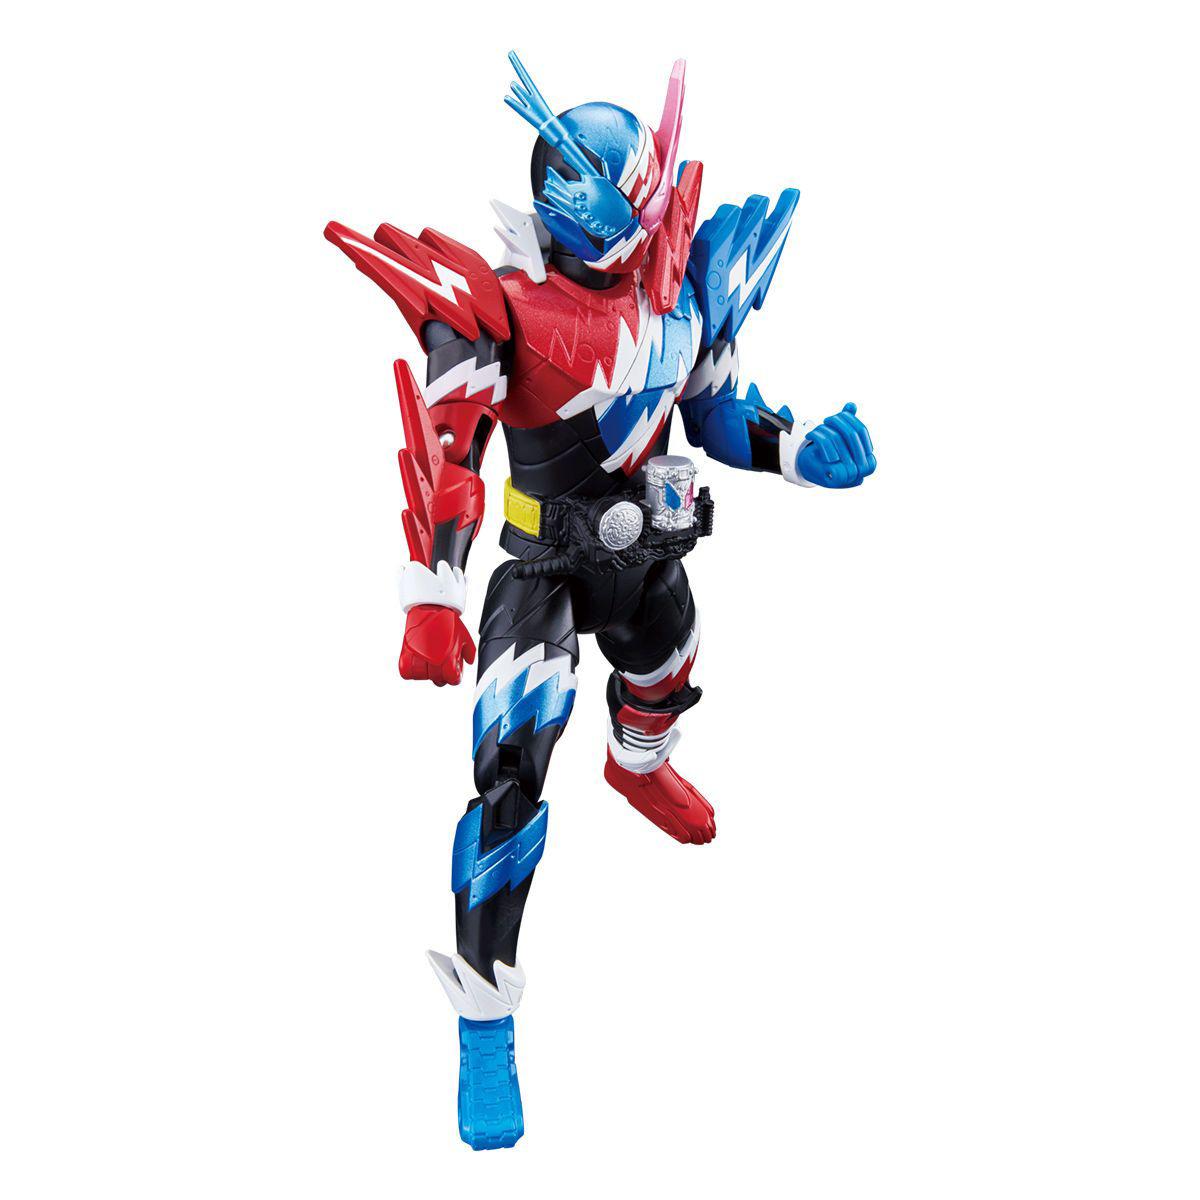 仮面ライダービルド ボトルチェンジライダーシリーズ 08仮面ライダービルド ラビットタンクスパークリングフォーム-002